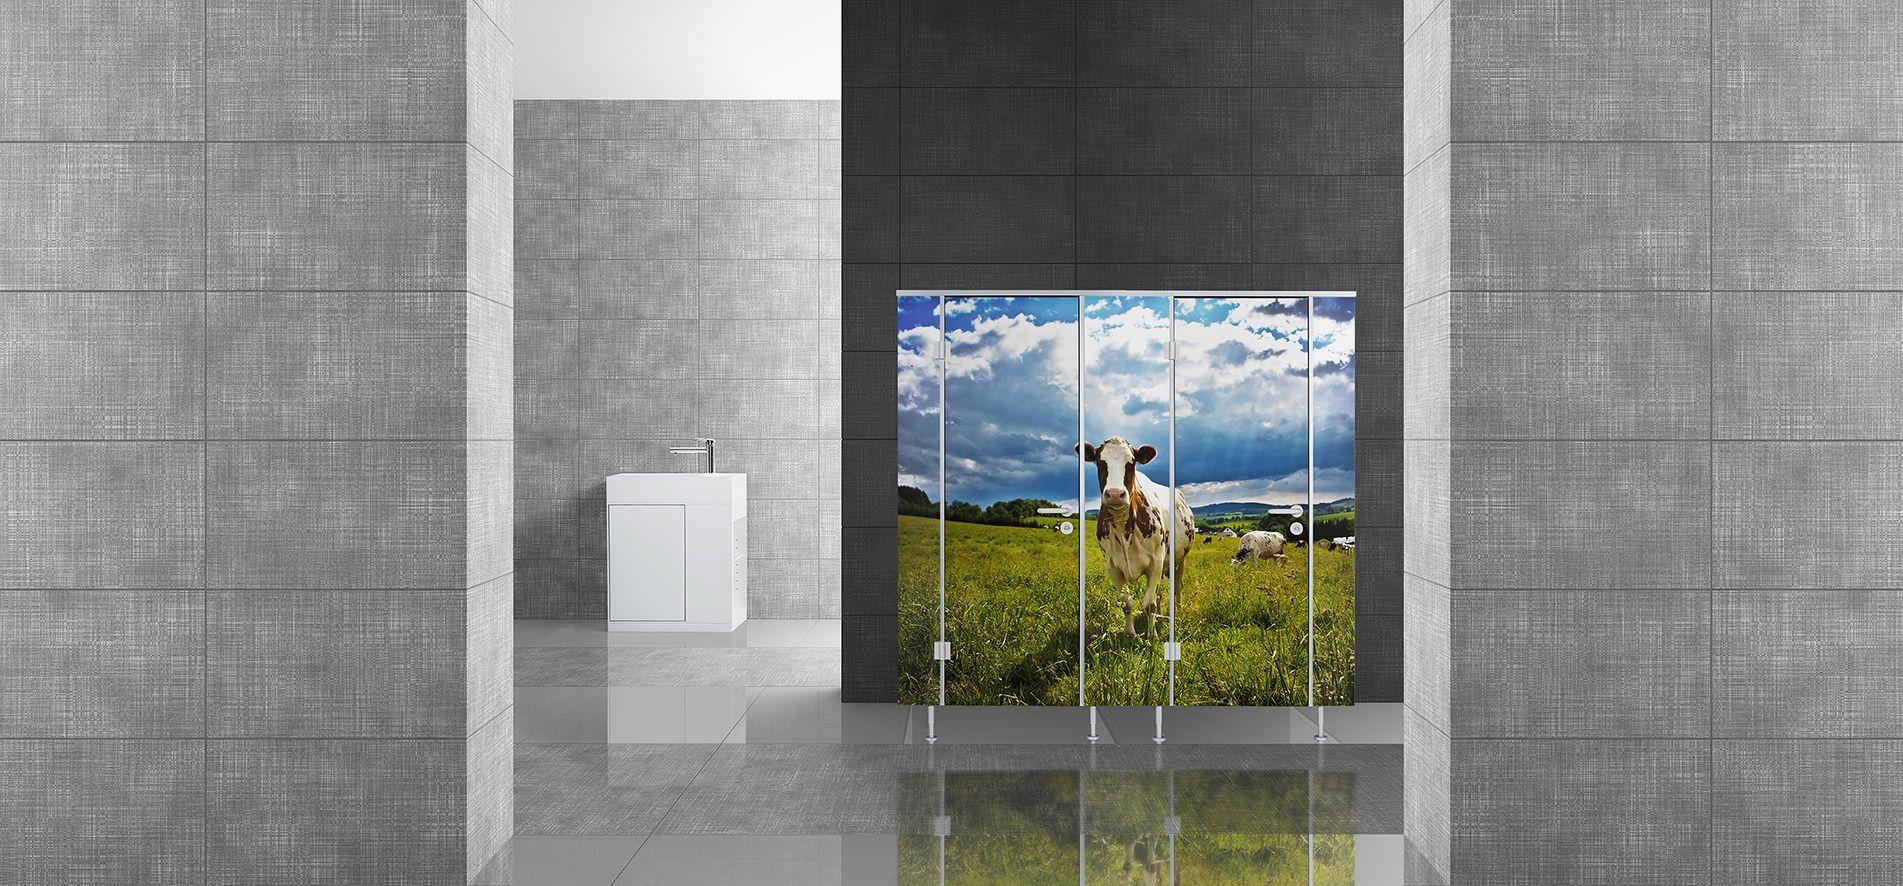 wc-trennwand-design-trennwandsystem-foto-wc-trennwand-selber-gestalten-trennwandsystem-motiv